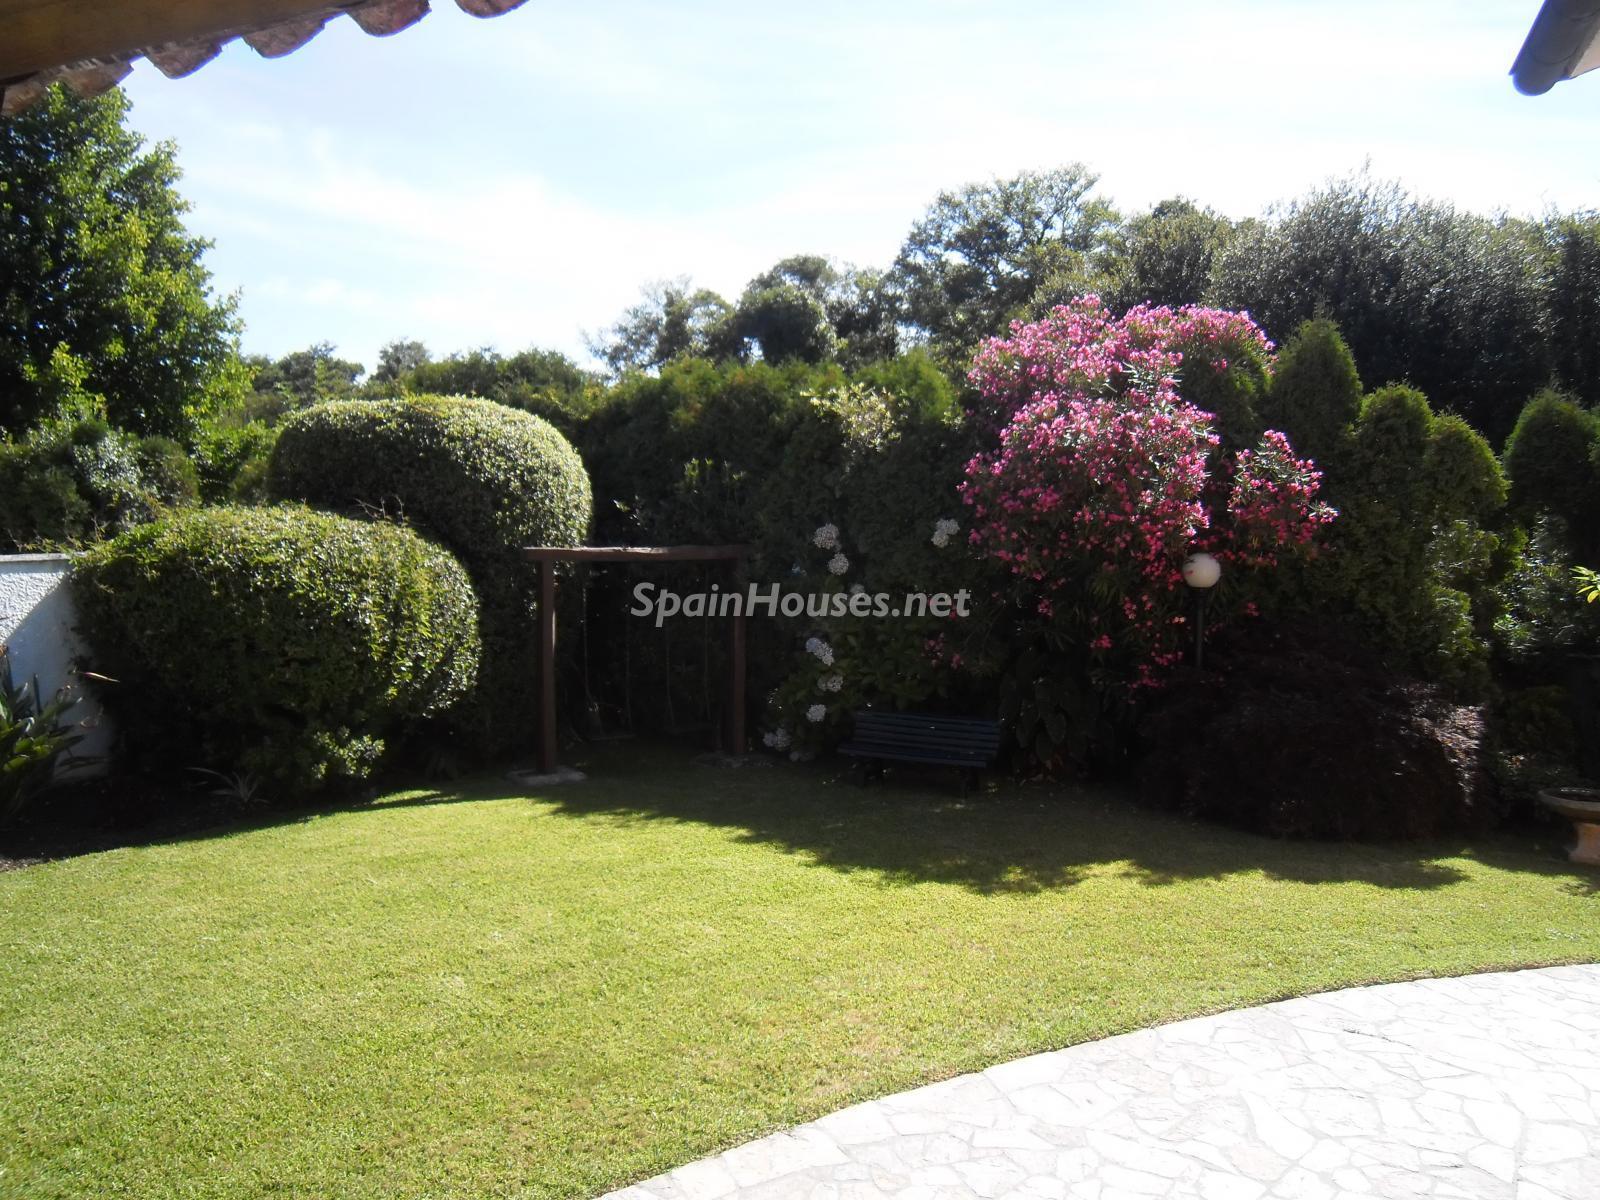 Foto 36 - Chalet independiente en venta en Oleiros, Ref: 1825929